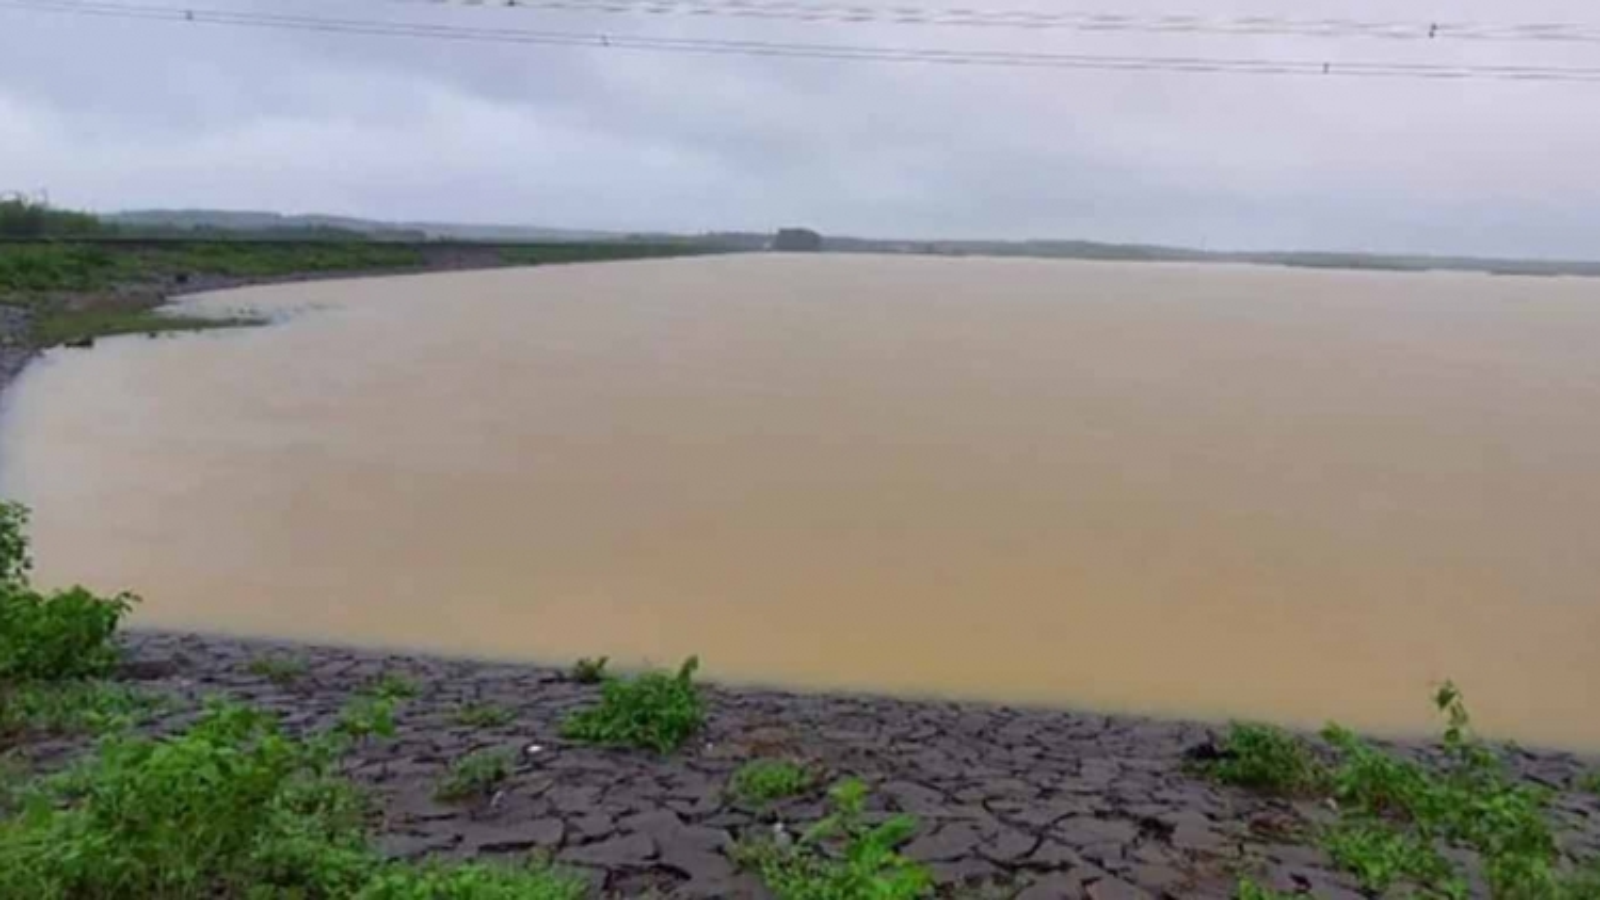 Quảng Trịbác bỏ thông tin vỡ đập thủy lợi Bảo Đài ở Vĩnh Linh